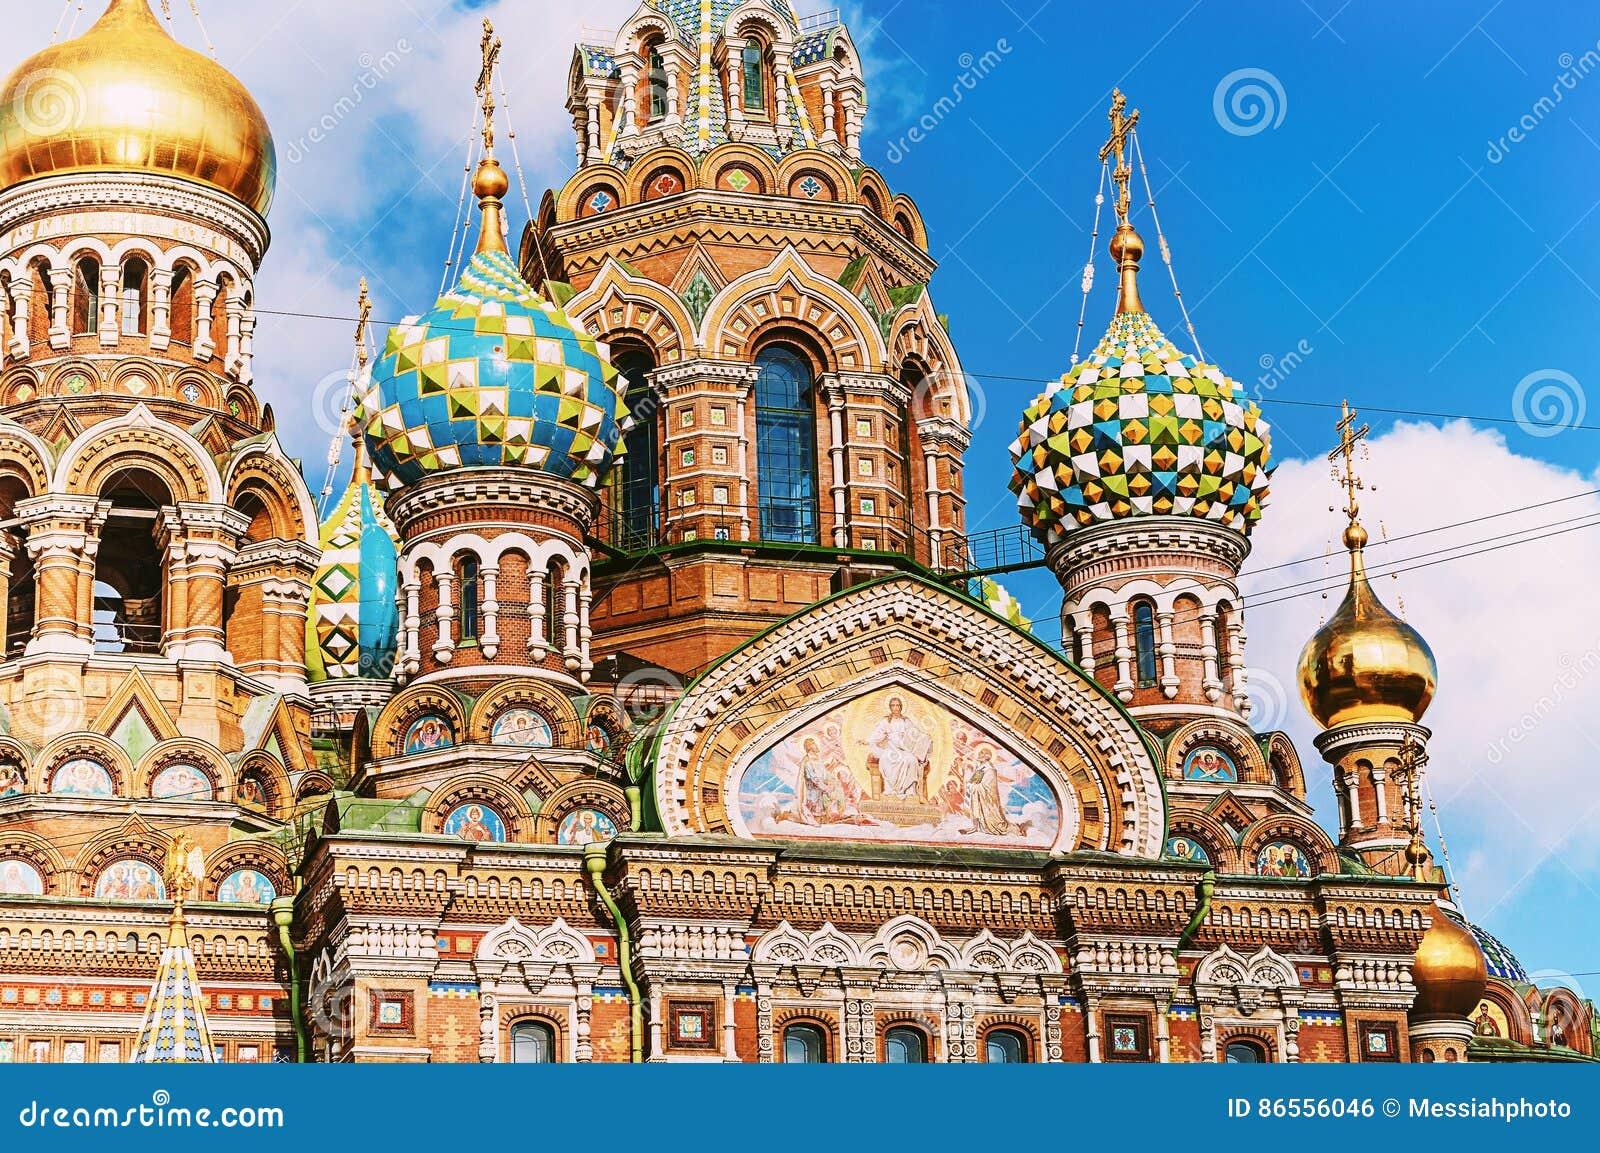 Catedral de nosso salvador no sangue Spilled em St Petersburg, Rússia - close up das abóbadas e dos detalhes da arquitetura